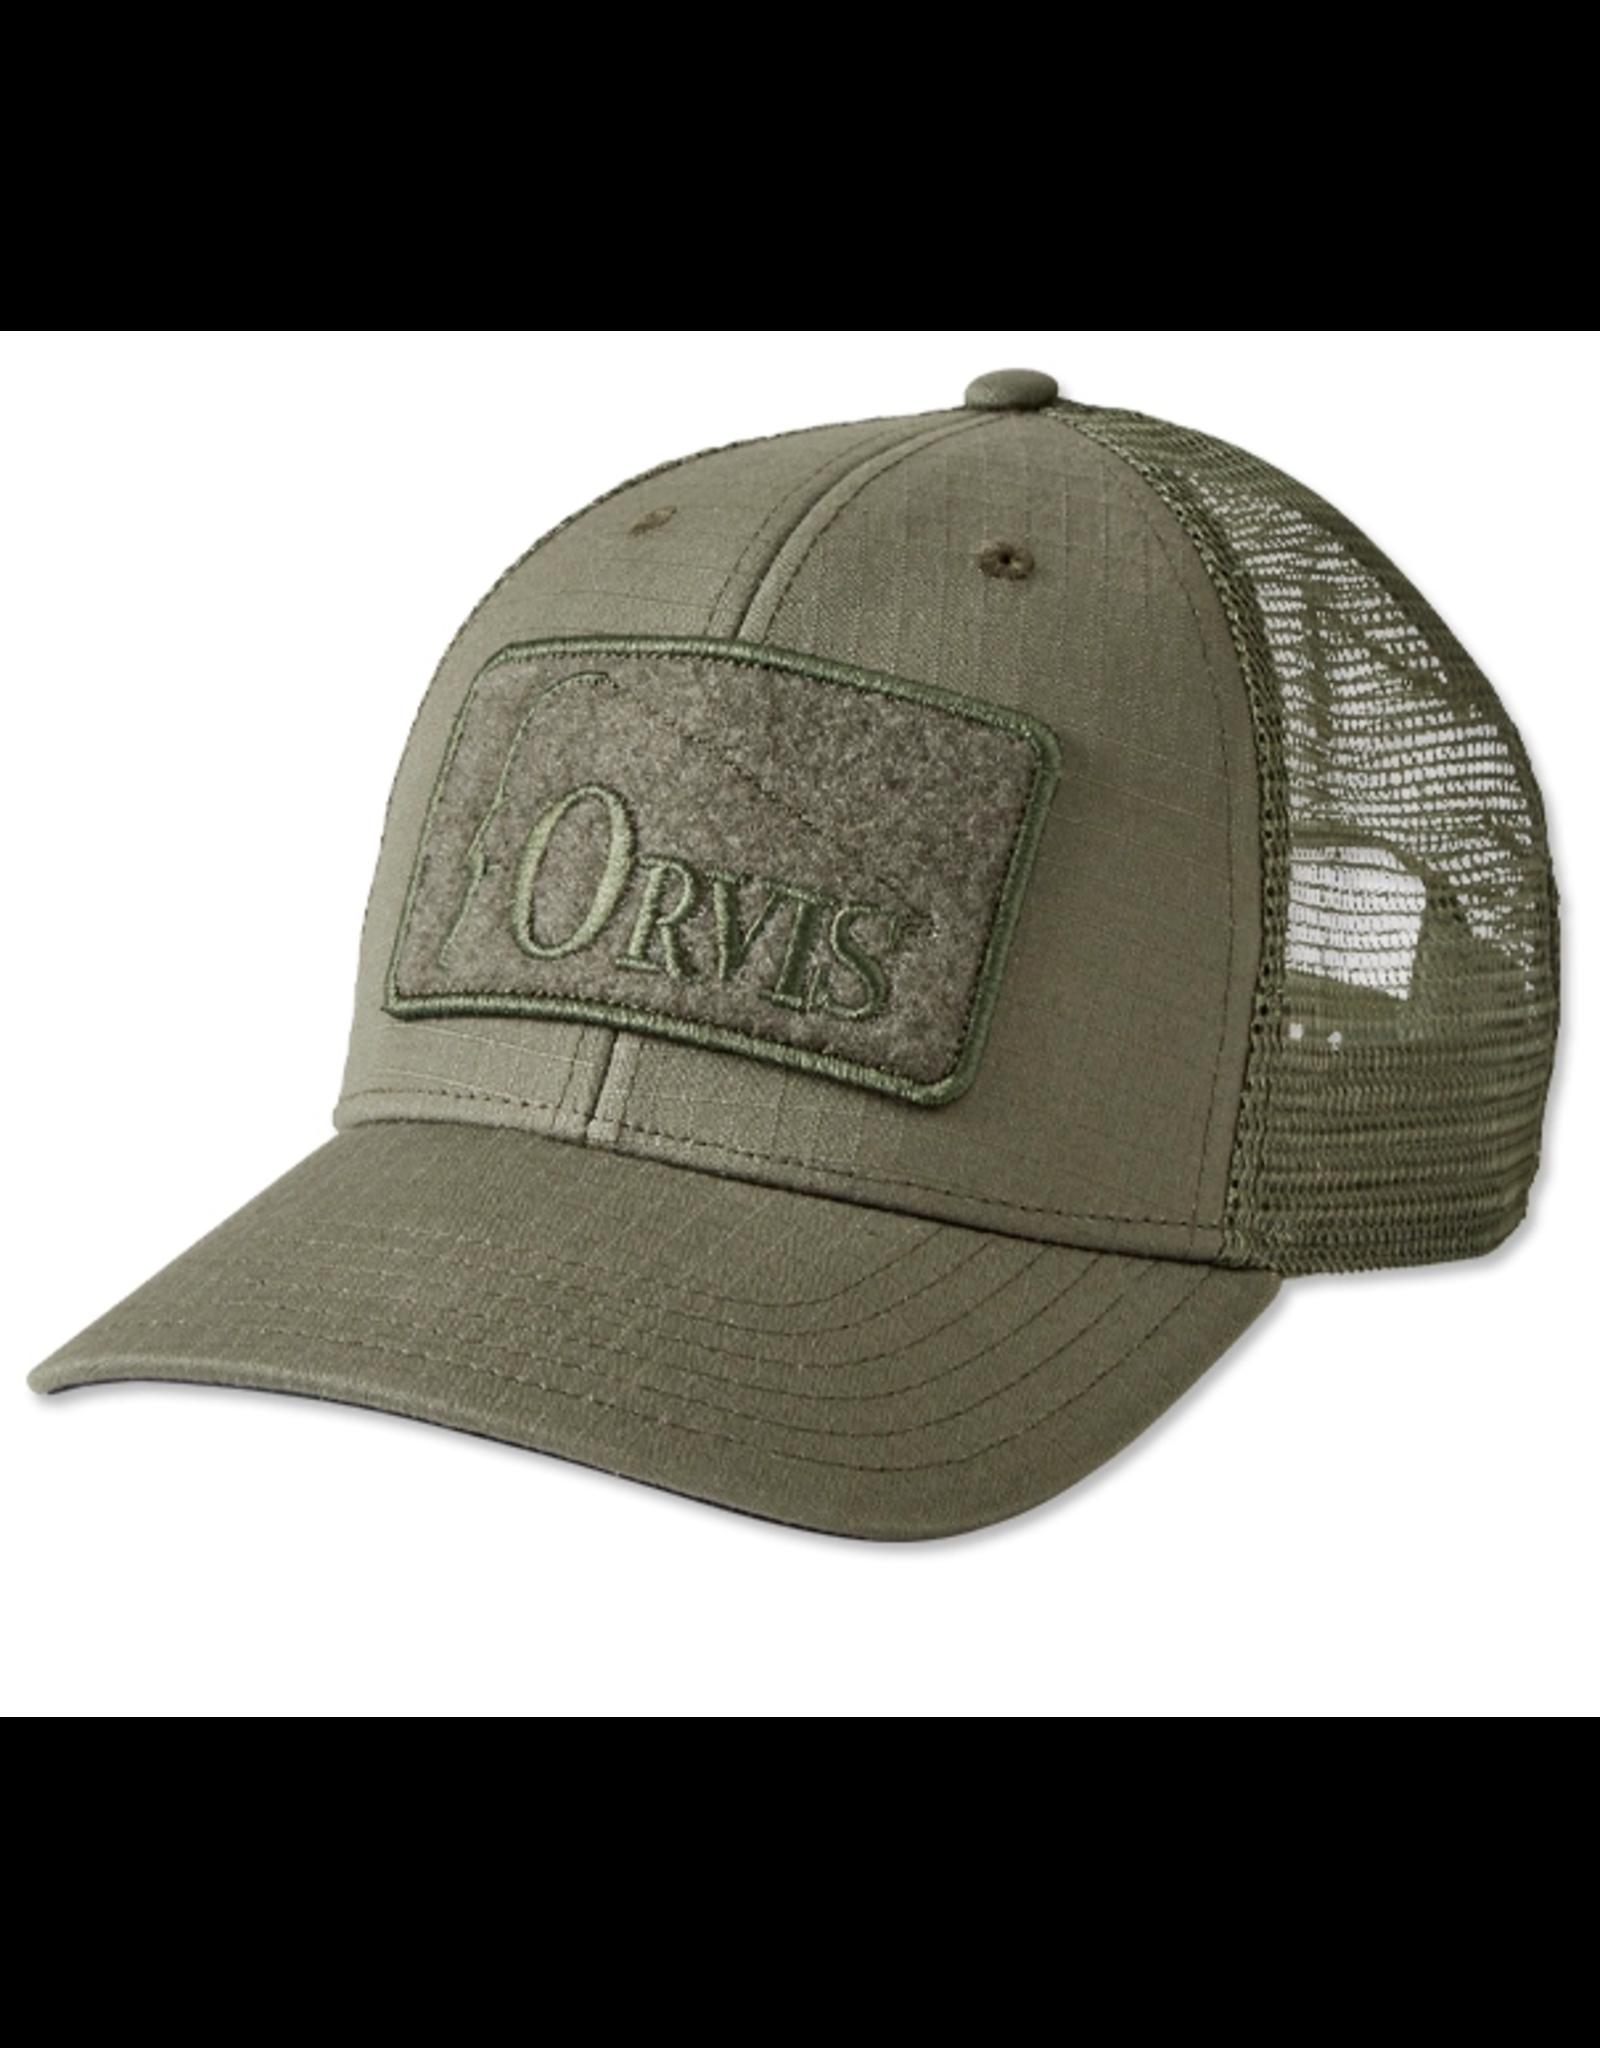 Orvis ORVIS Ripstop Covert Trucker (Olive)